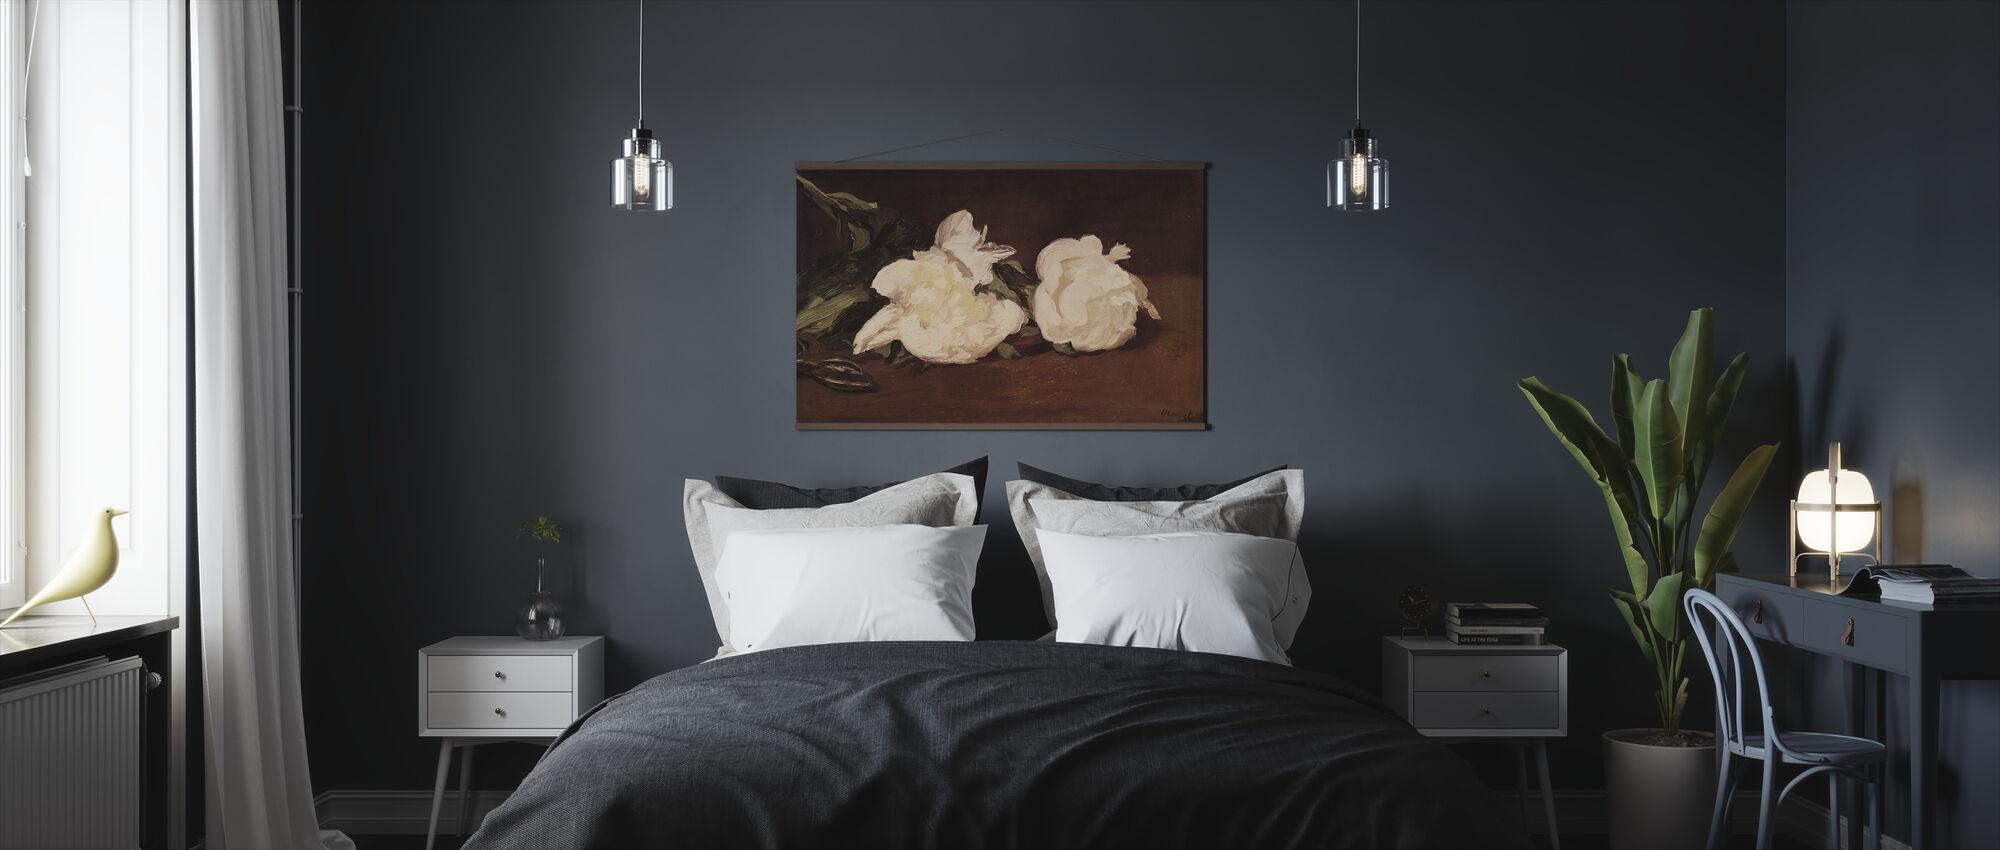 Valkoisten Peonien haara, Edouard Manet - Juliste - Makuuhuone